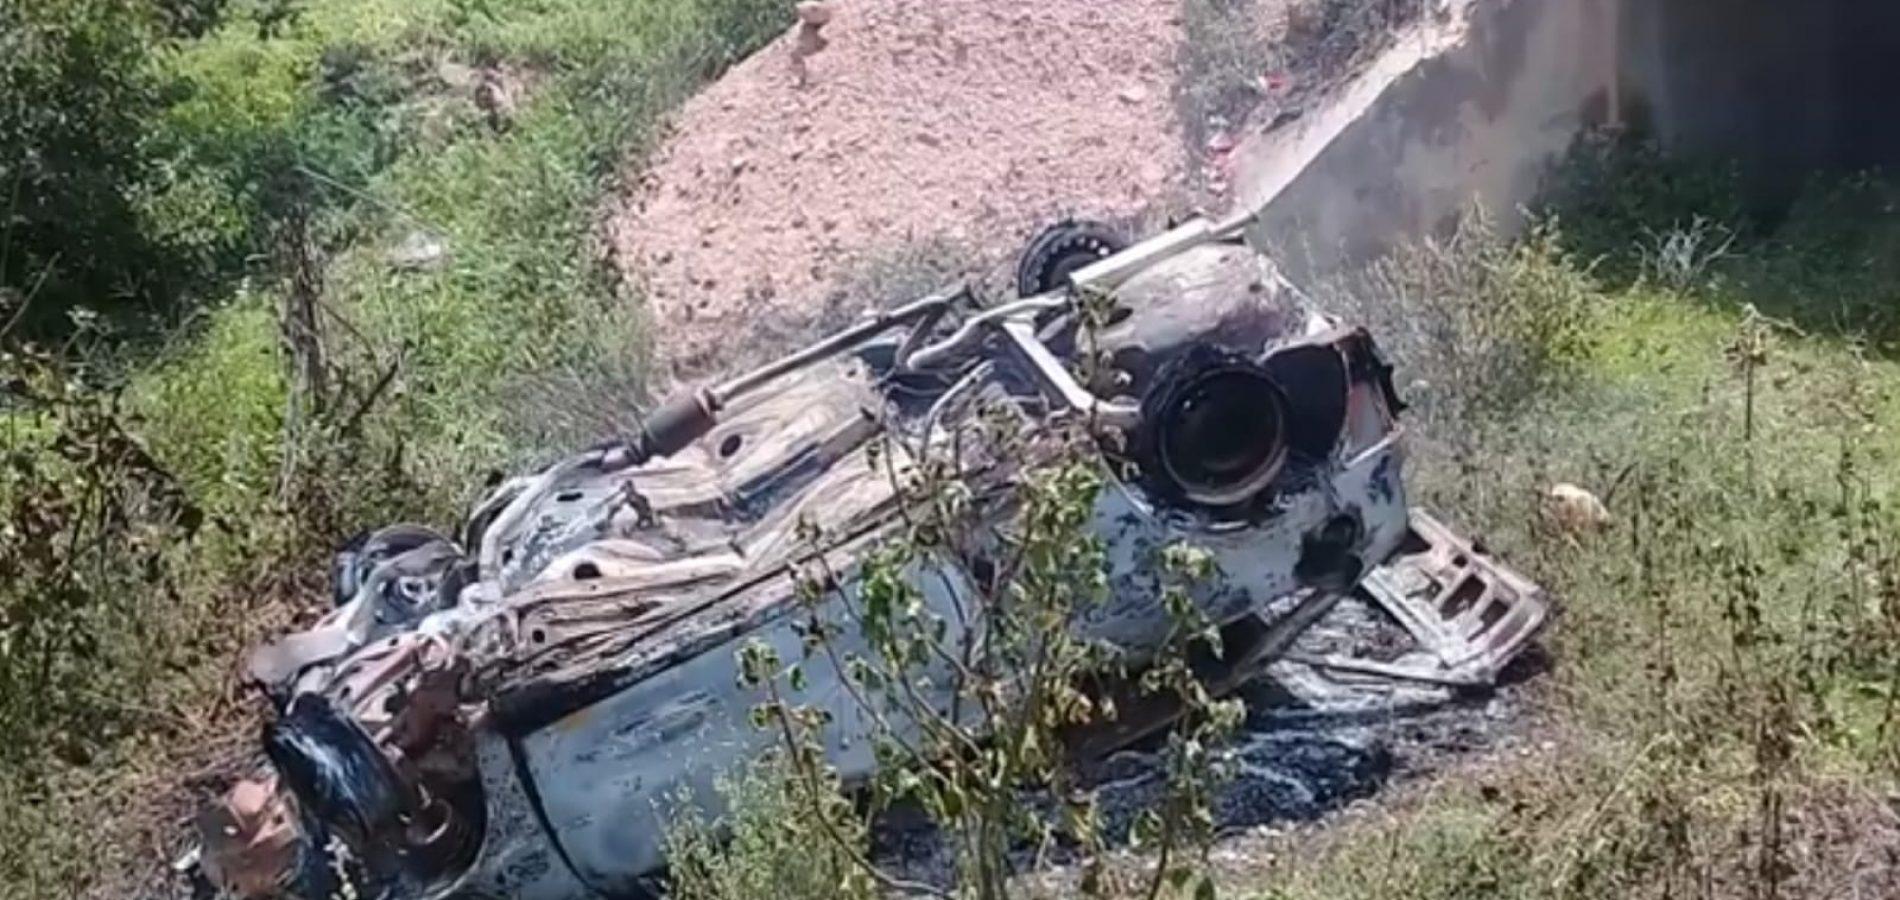 Idoso fica ferido após veículo capotar e incendiar na PI-229 entre Jaicós e Campo Grande do Piauí